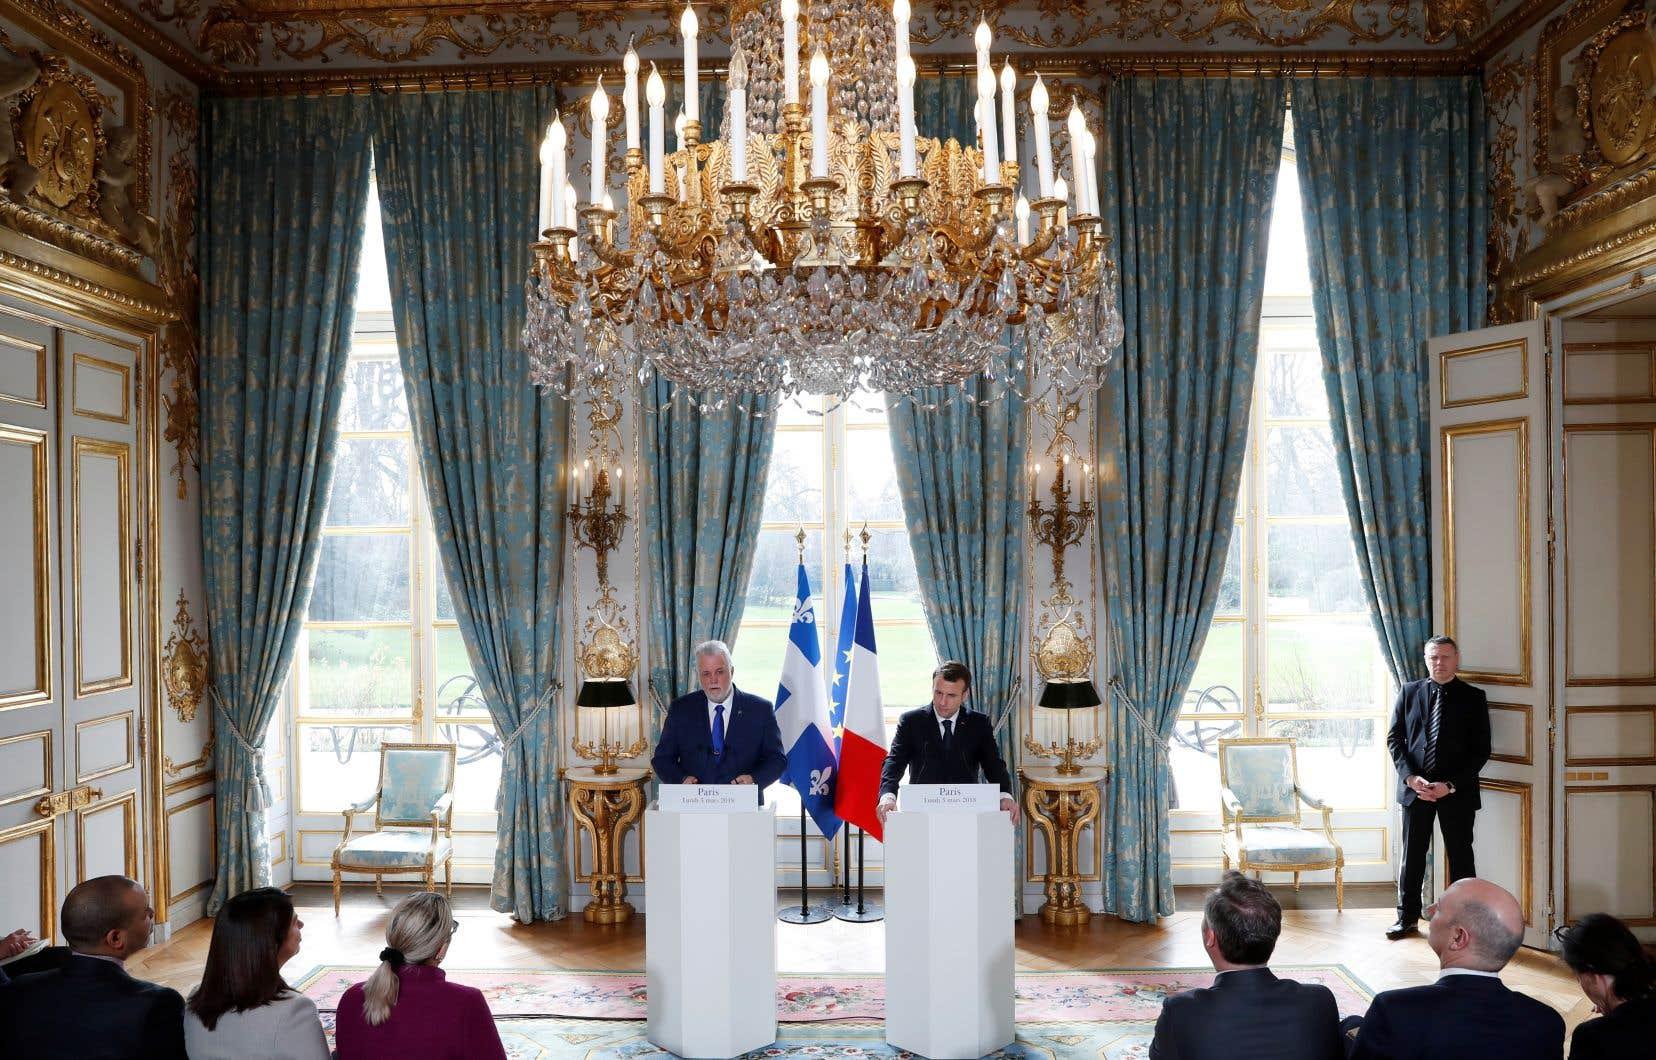 Le premier ministre québécois, Philippe Couillard, et le président français, Emmanuel Macron, ont convenu qu'il fallait agir davantage en appui à l'enseignement du français en Afrique, rappelle l'auteur.